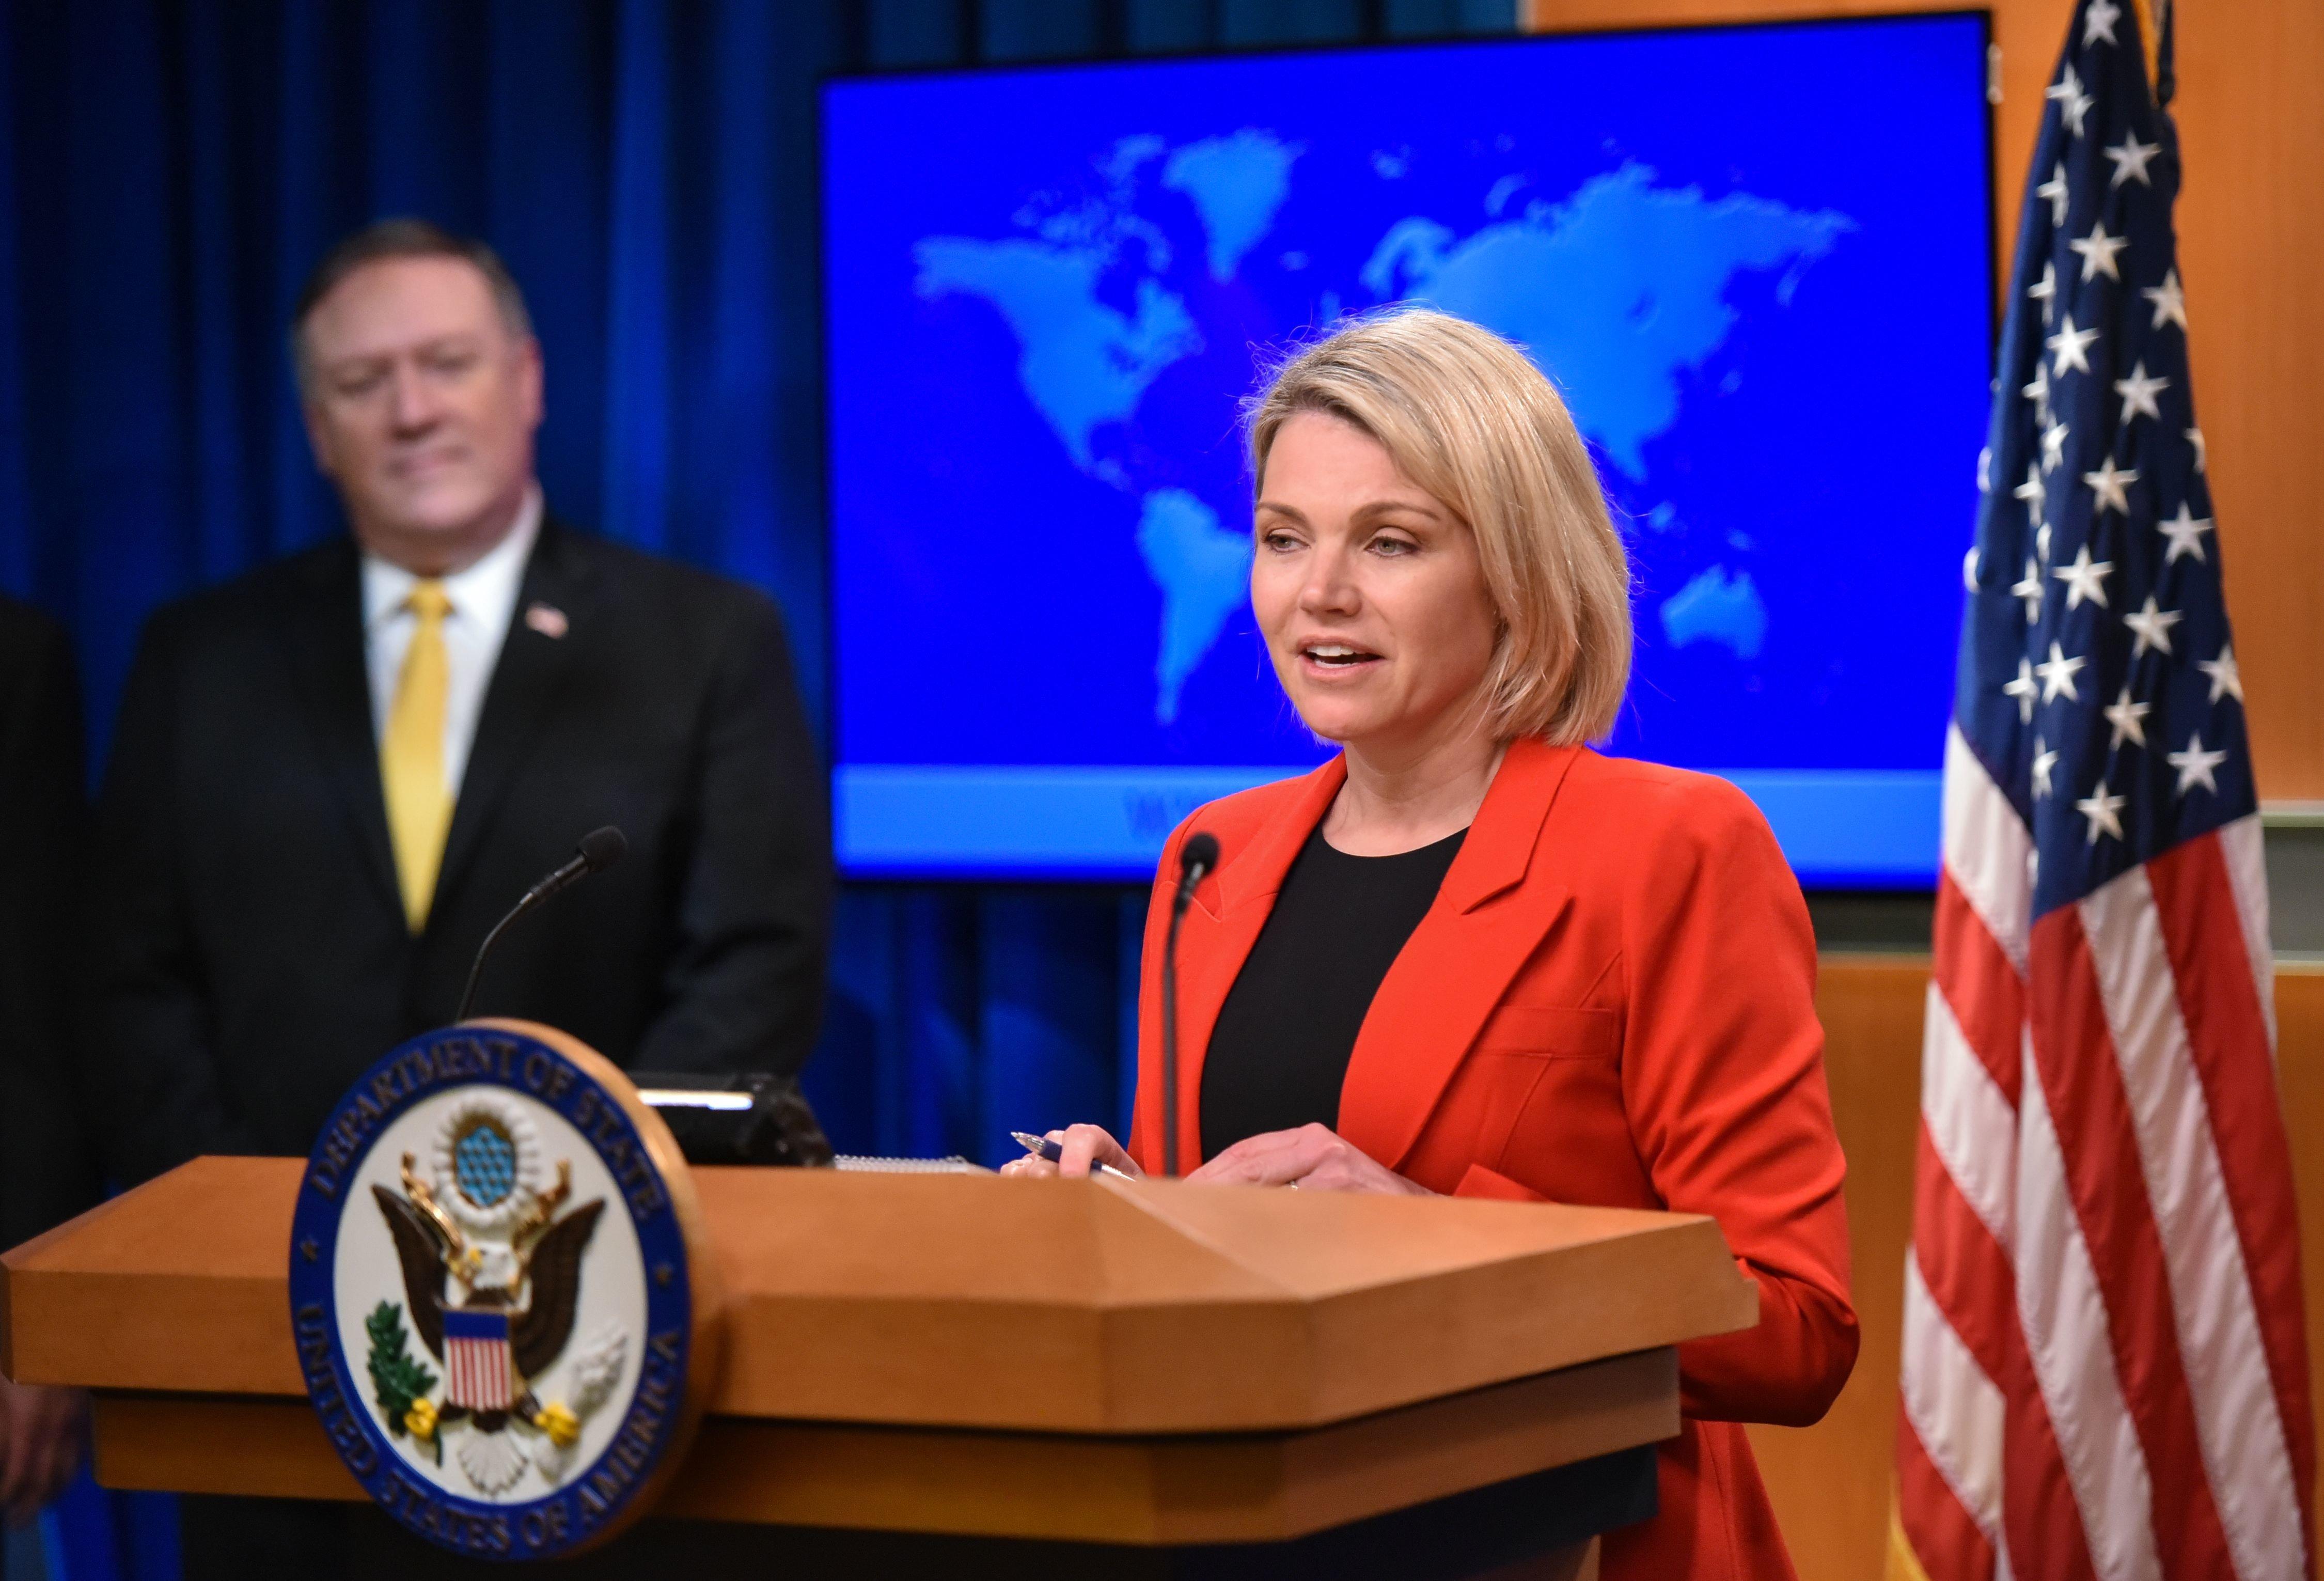 북한과 대화가 끊어진 것 아니냐는 의문에 미국이 내놓은